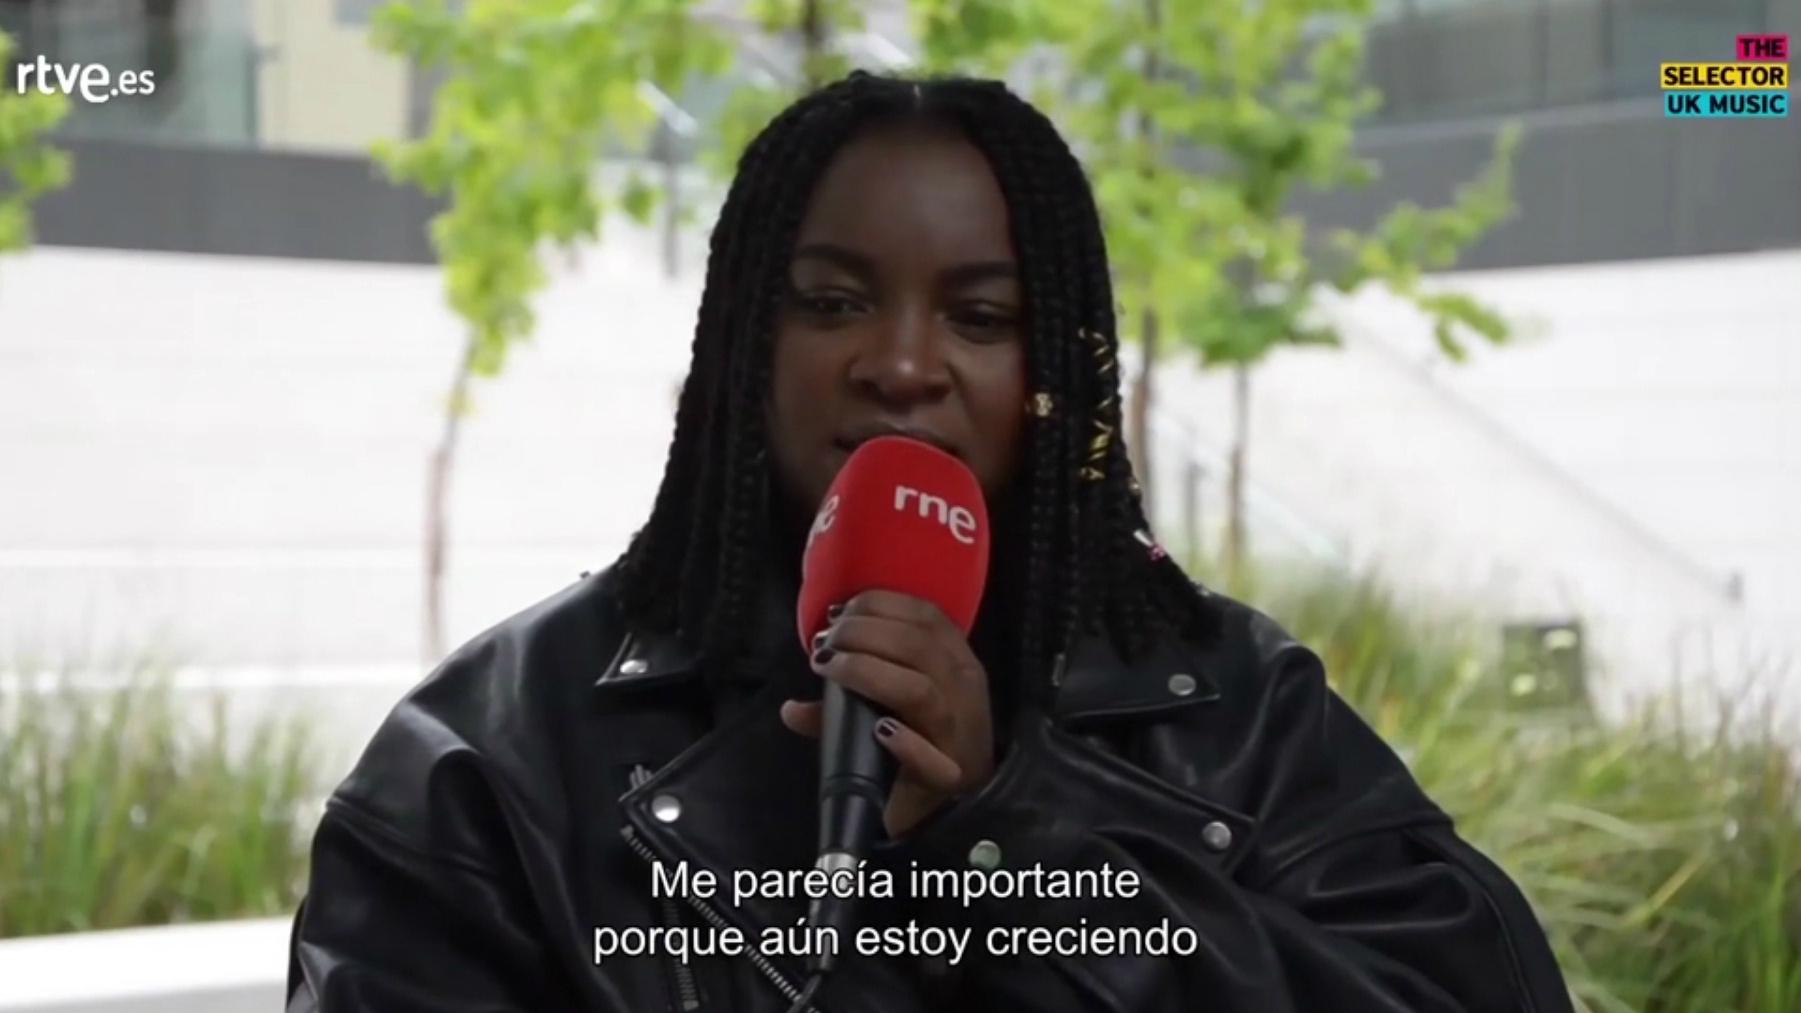 The Selector - Ray BLK vídeo entrevista